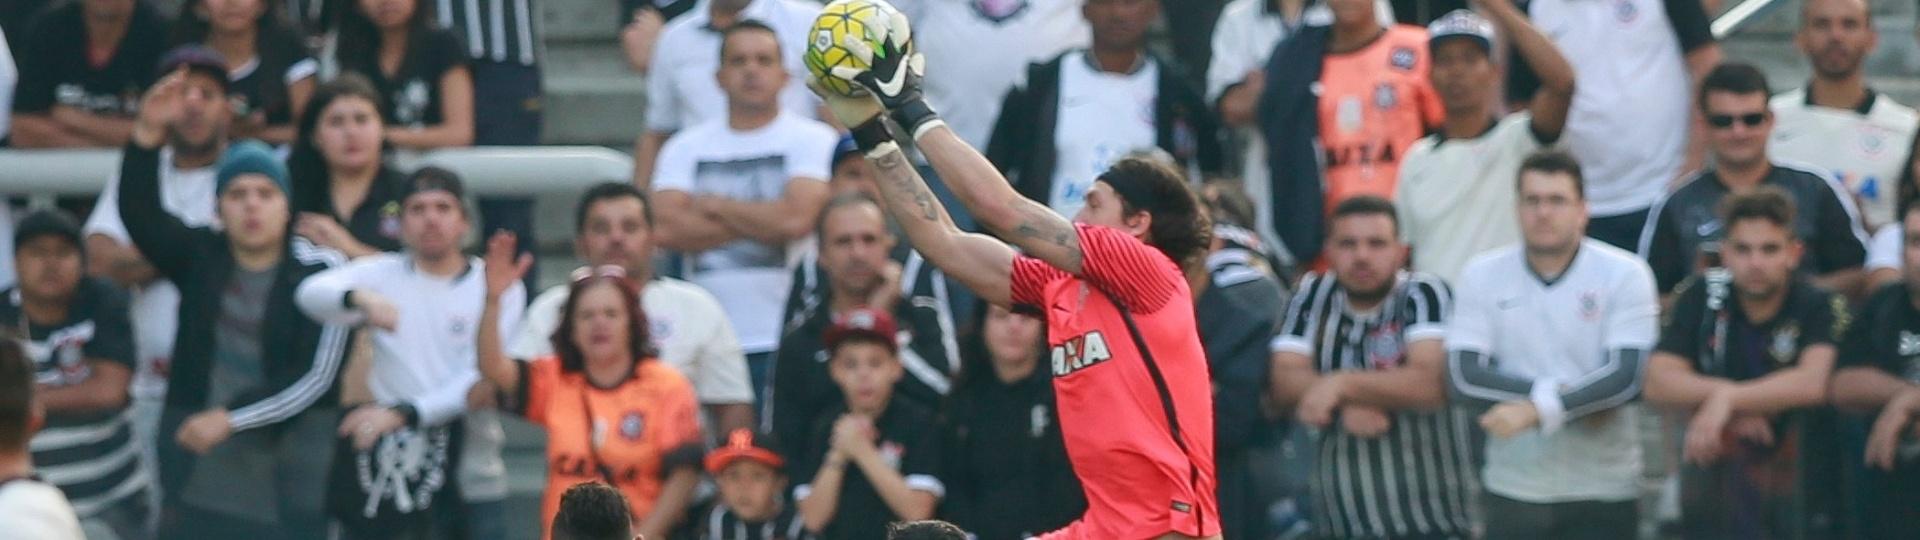 Cássio agarra a bola durante a partida entre Corinthians e Botafogo